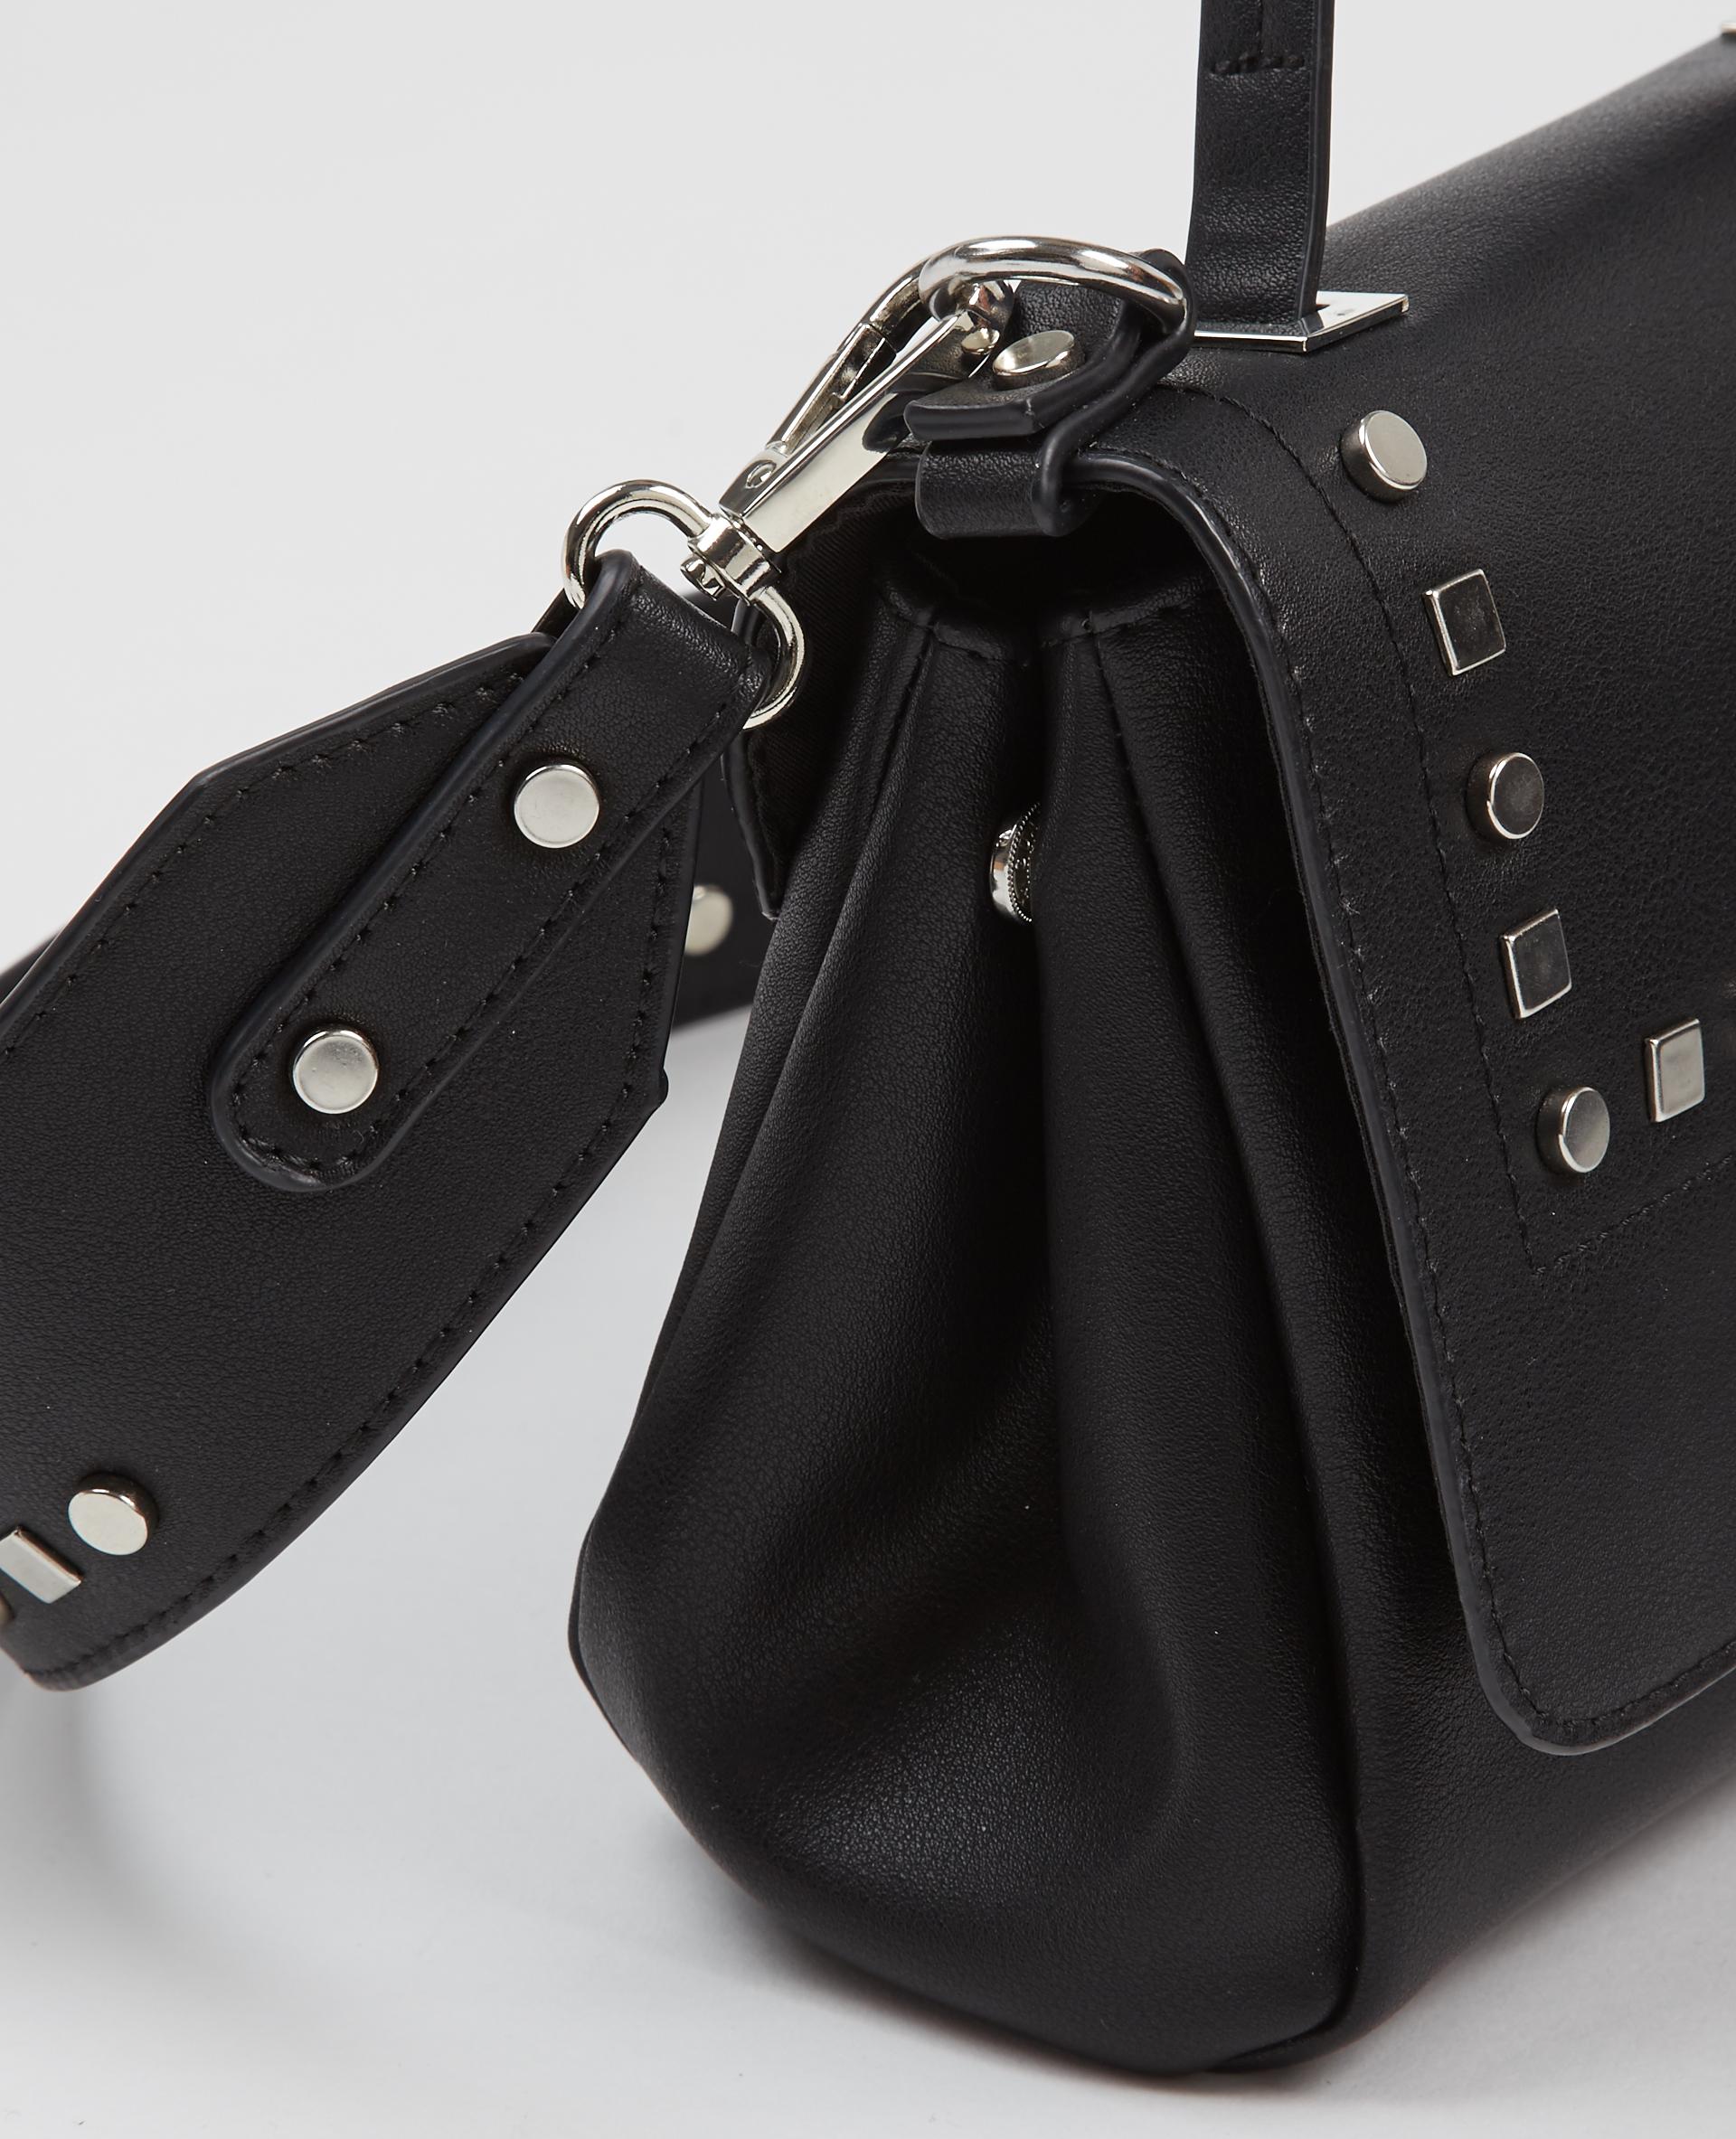 Petit sac clouté noir - Pimkie